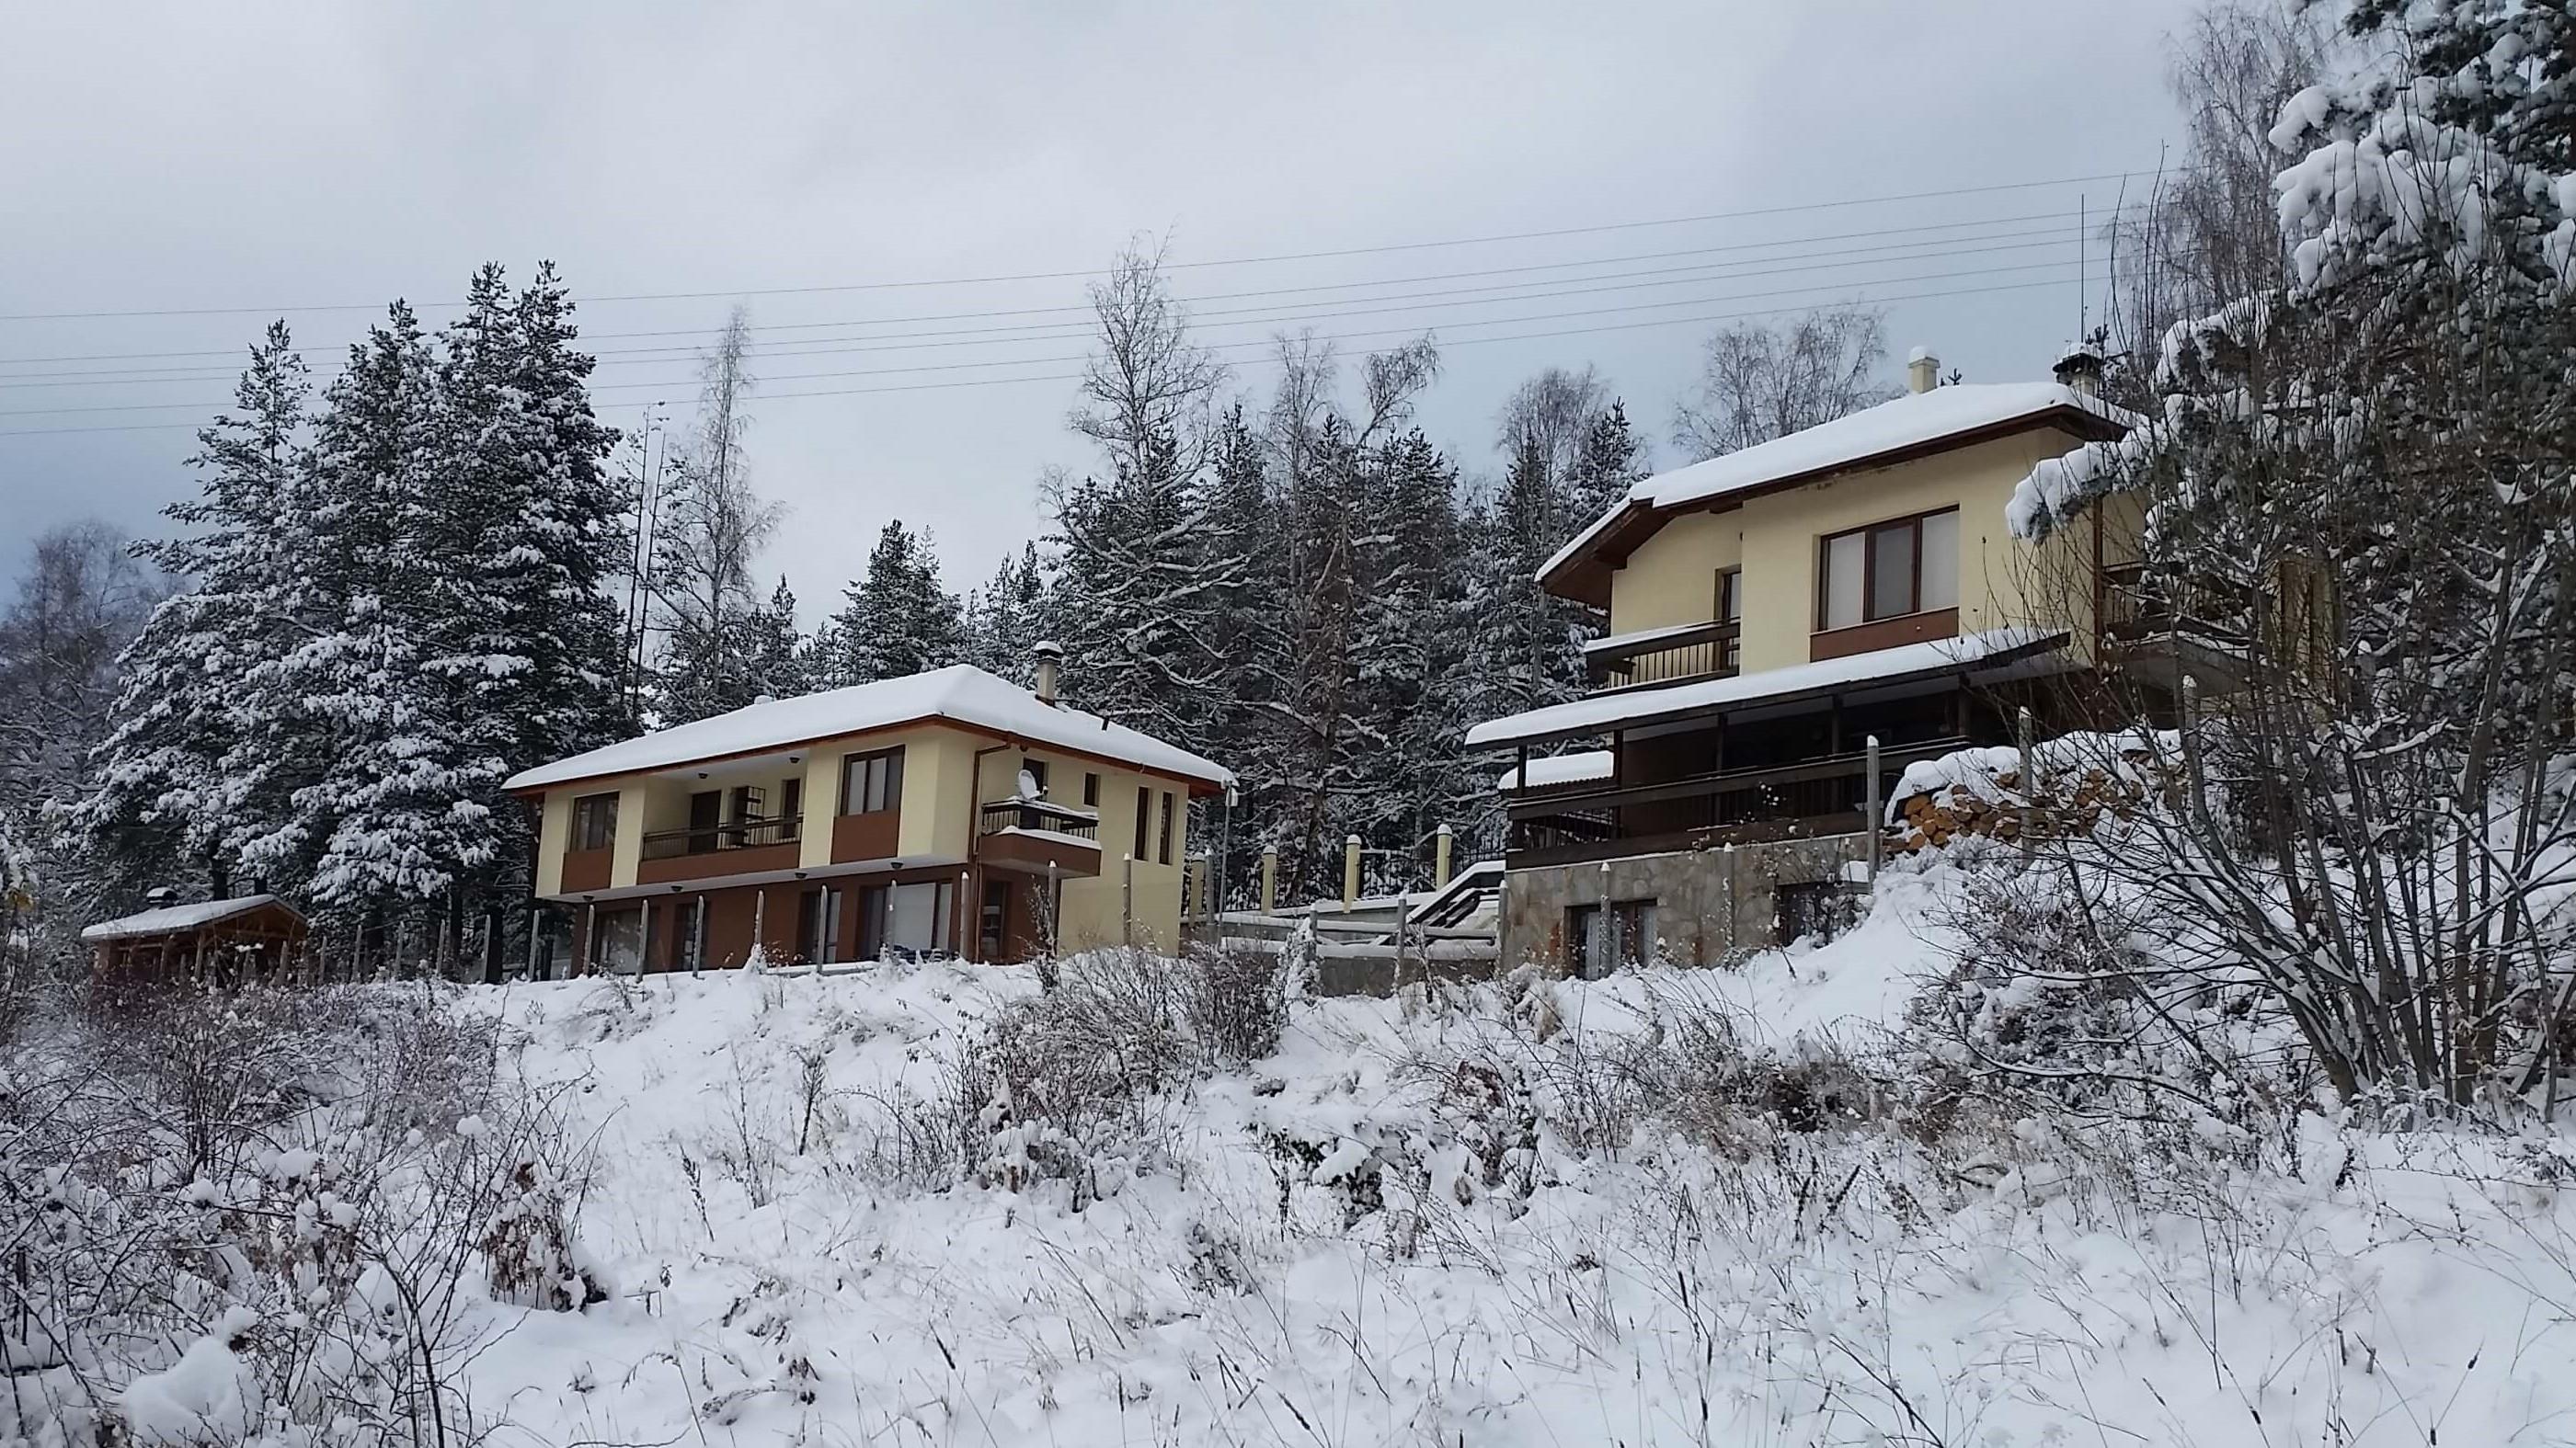 Нощувка в къщи за 5 или 8 човека в Цигов Чарк - ваканционно селище Друма Холидейз с механа и камина